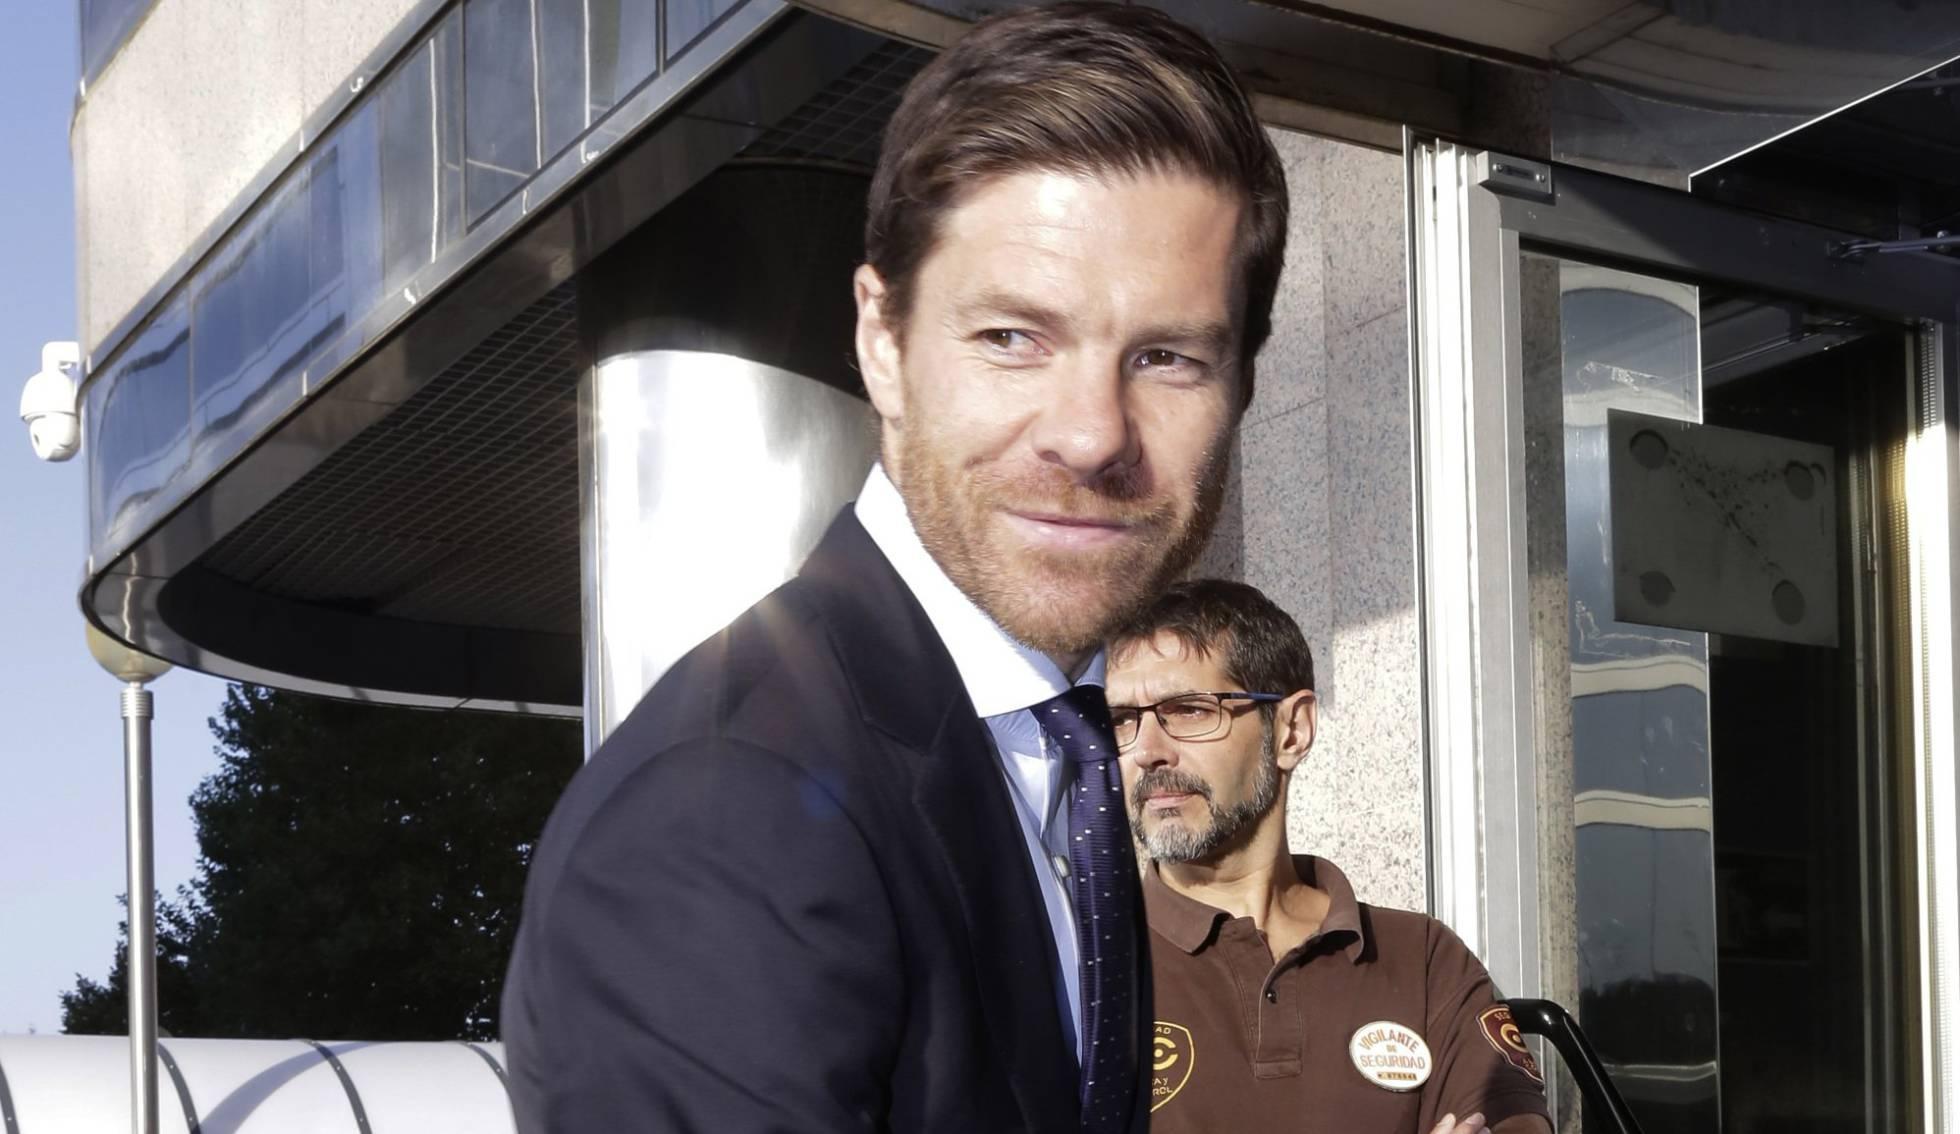 阿隆索逃税案无罪后,西班牙检方提出上诉要求重申